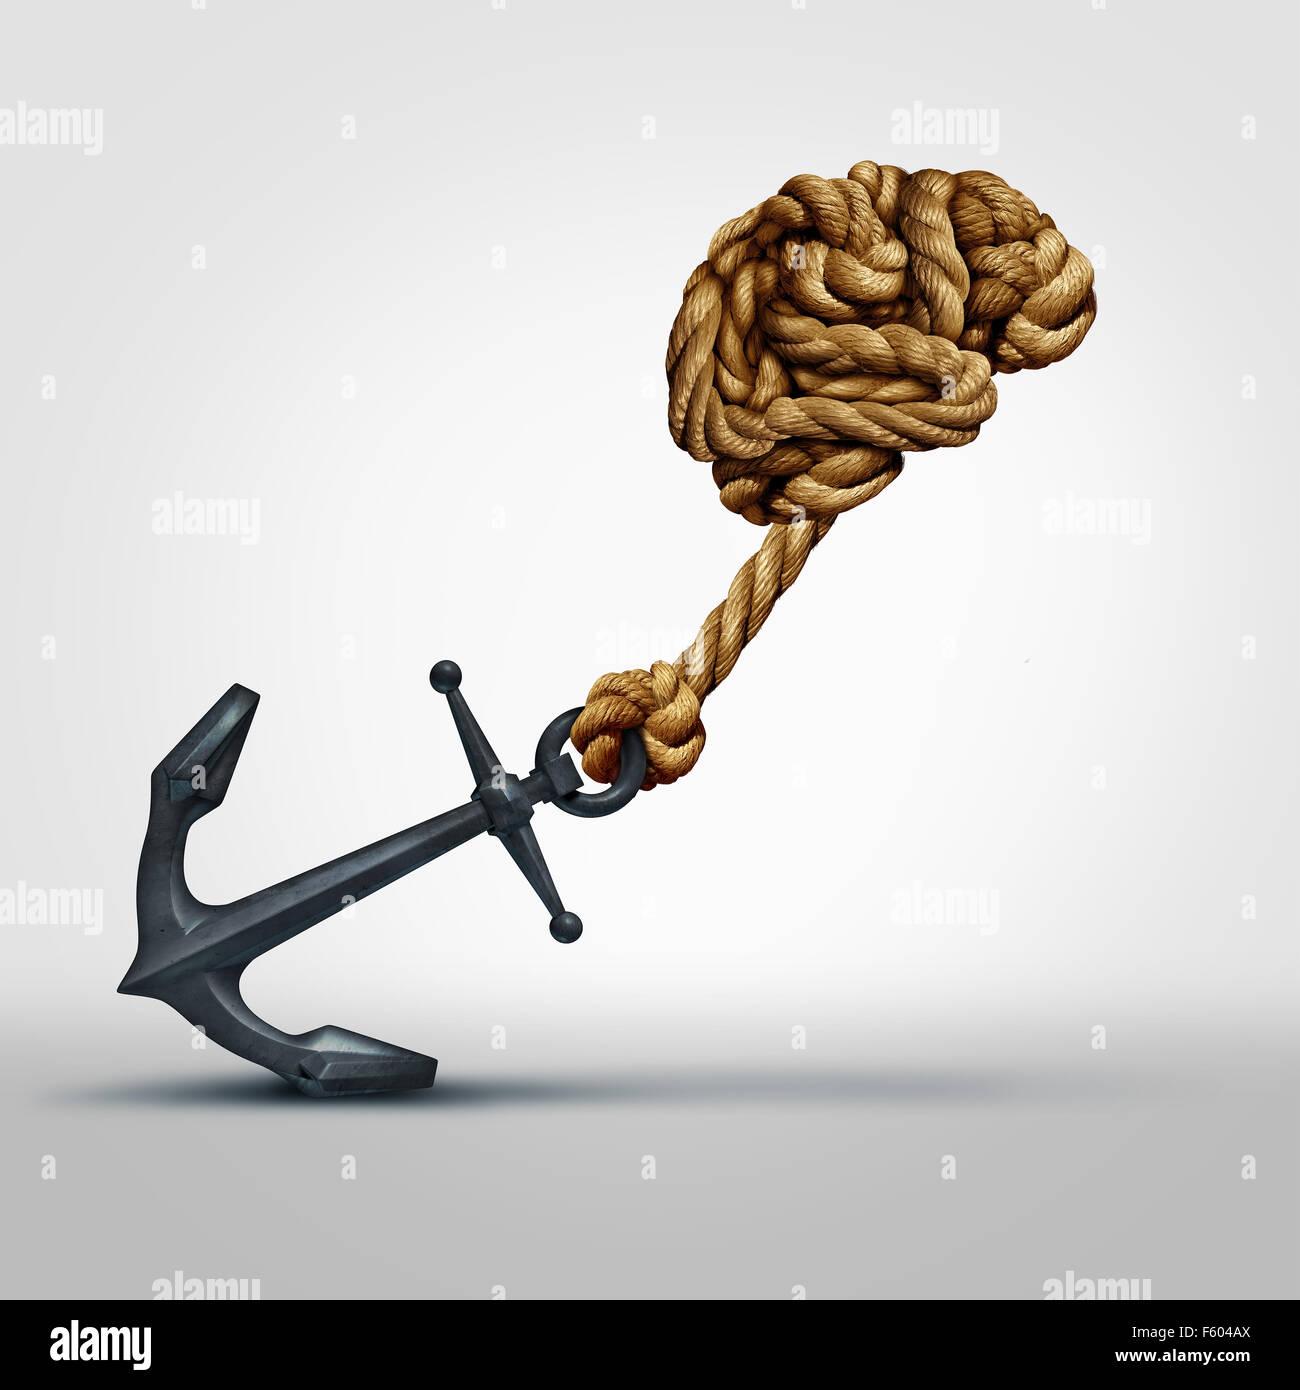 Concepto de fuerza cerebral como un grupo de cuerdas como el pensamiento humano en forma de órgano tirando Imagen De Stock